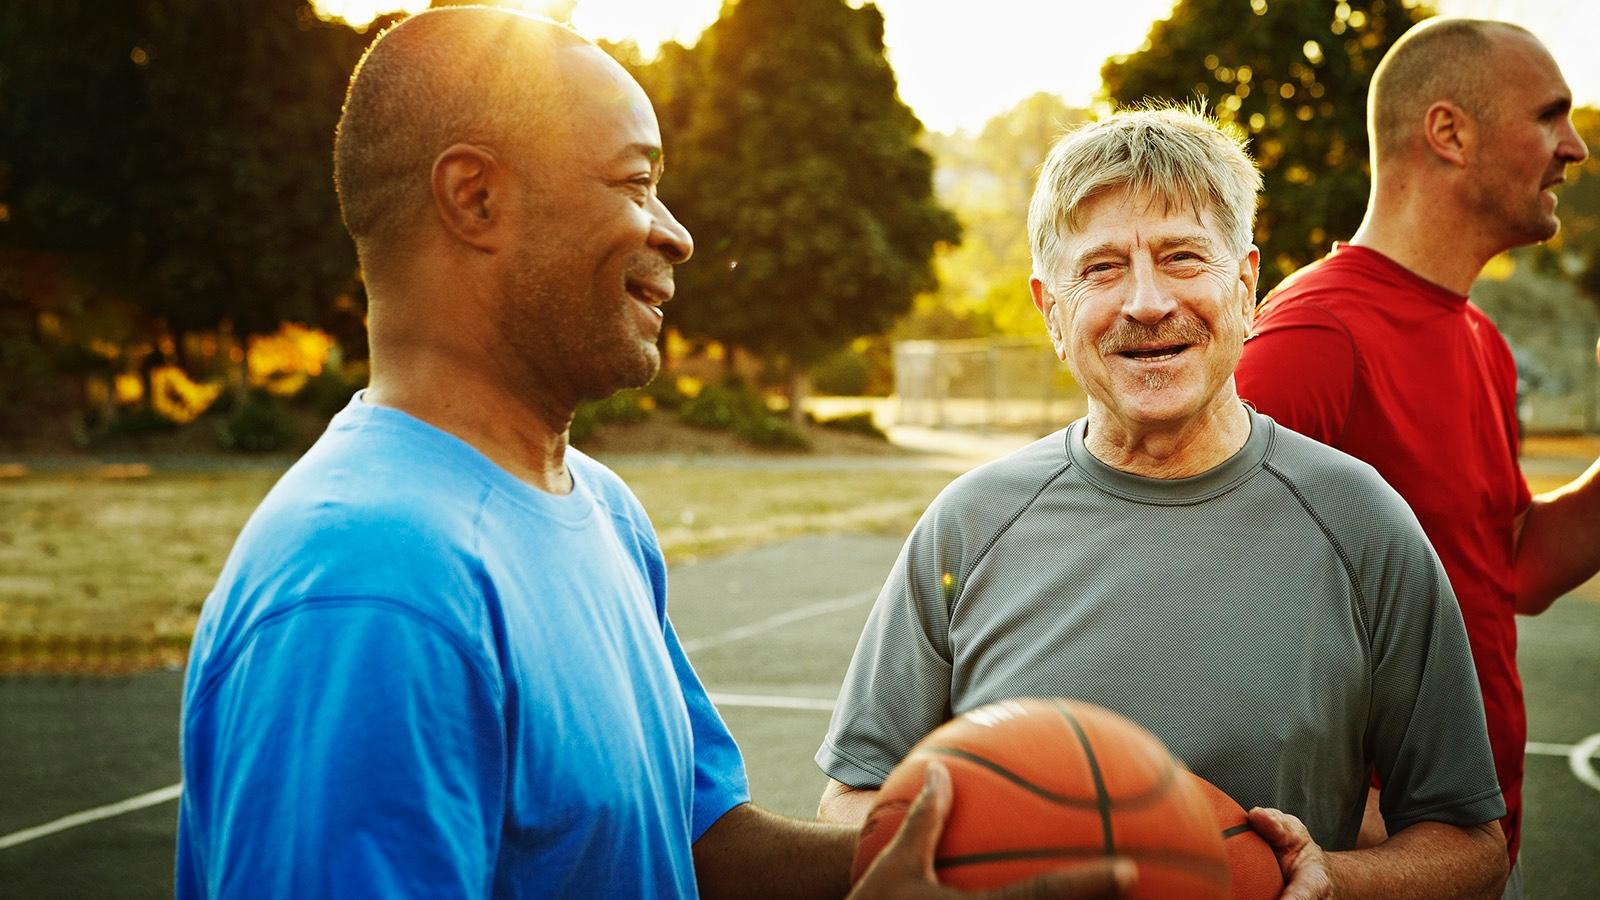 group of senior men playing basketball